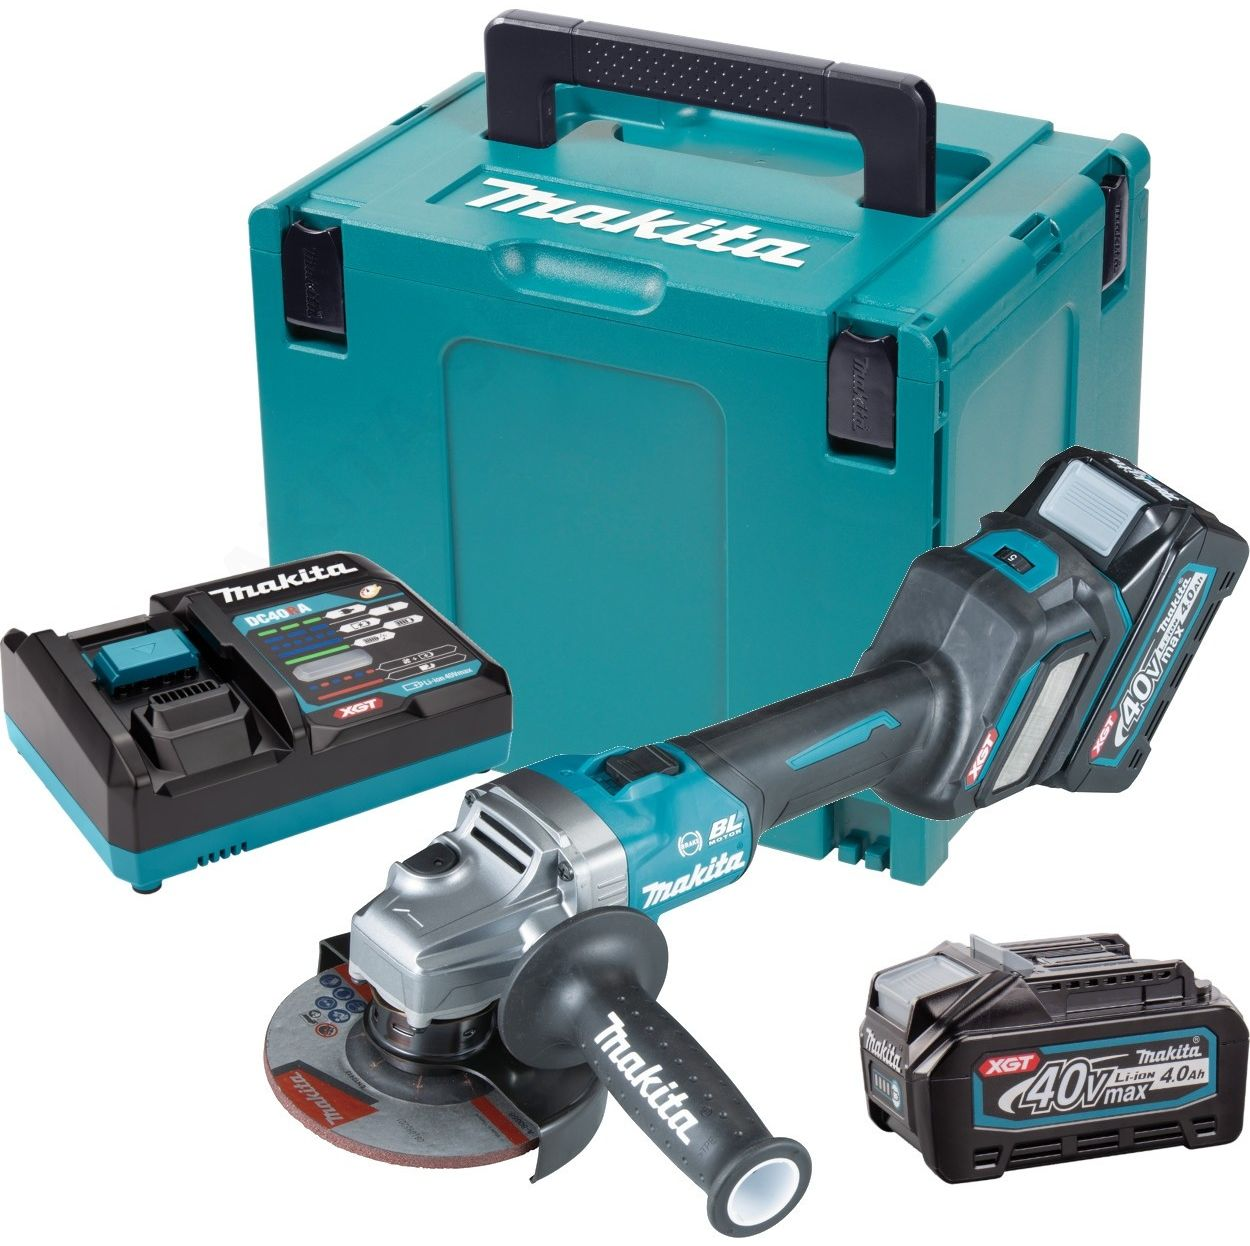 akumulatorowa szlifierka kątowa 125mm, 40V max Li-Ion, serii XGT, 2 x 4,0 Ah, Makita [GA023GM201]